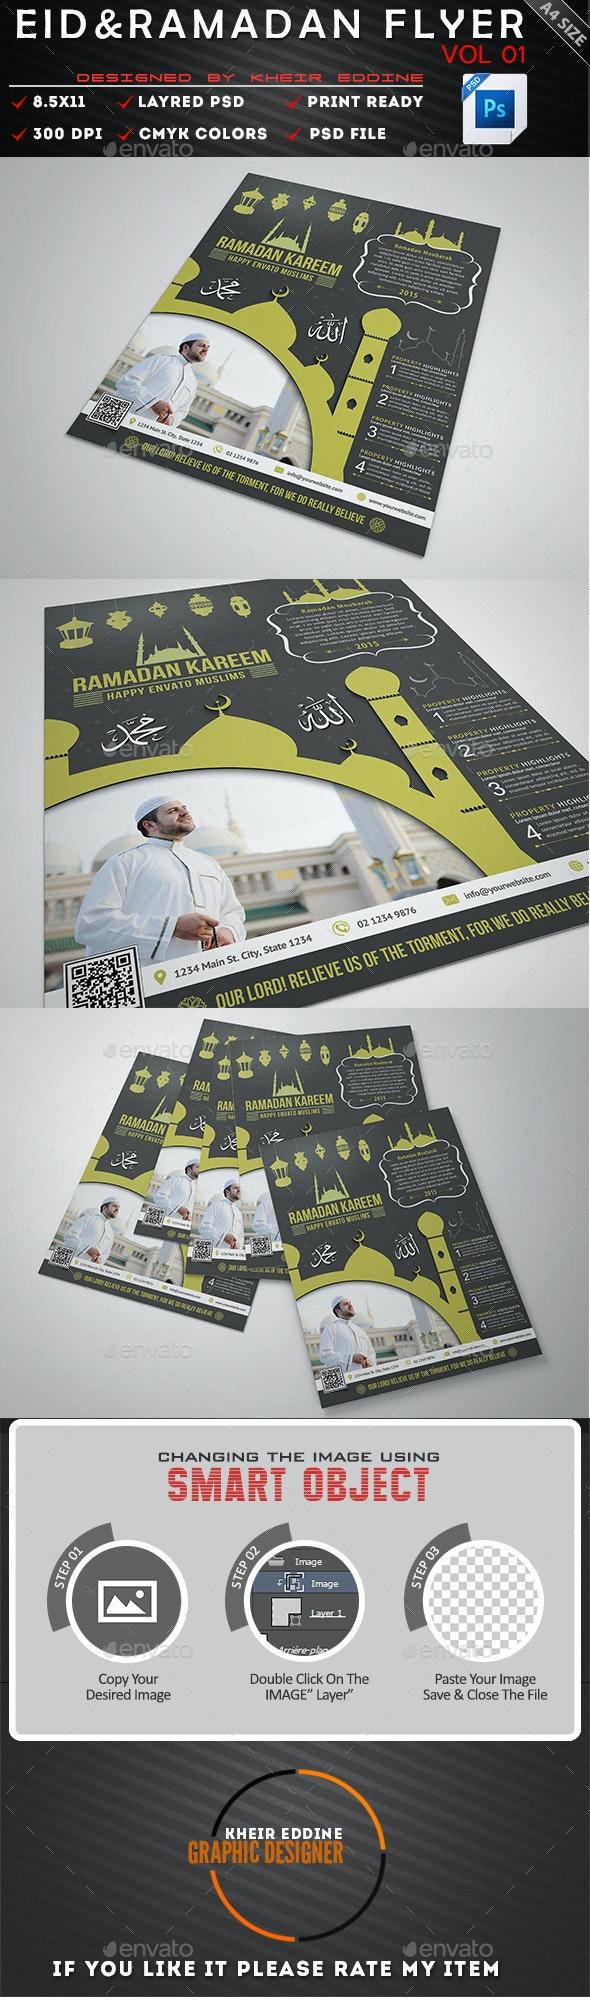 Ramadan & Eid Flyer Vol 01 - Flyers Print Templates